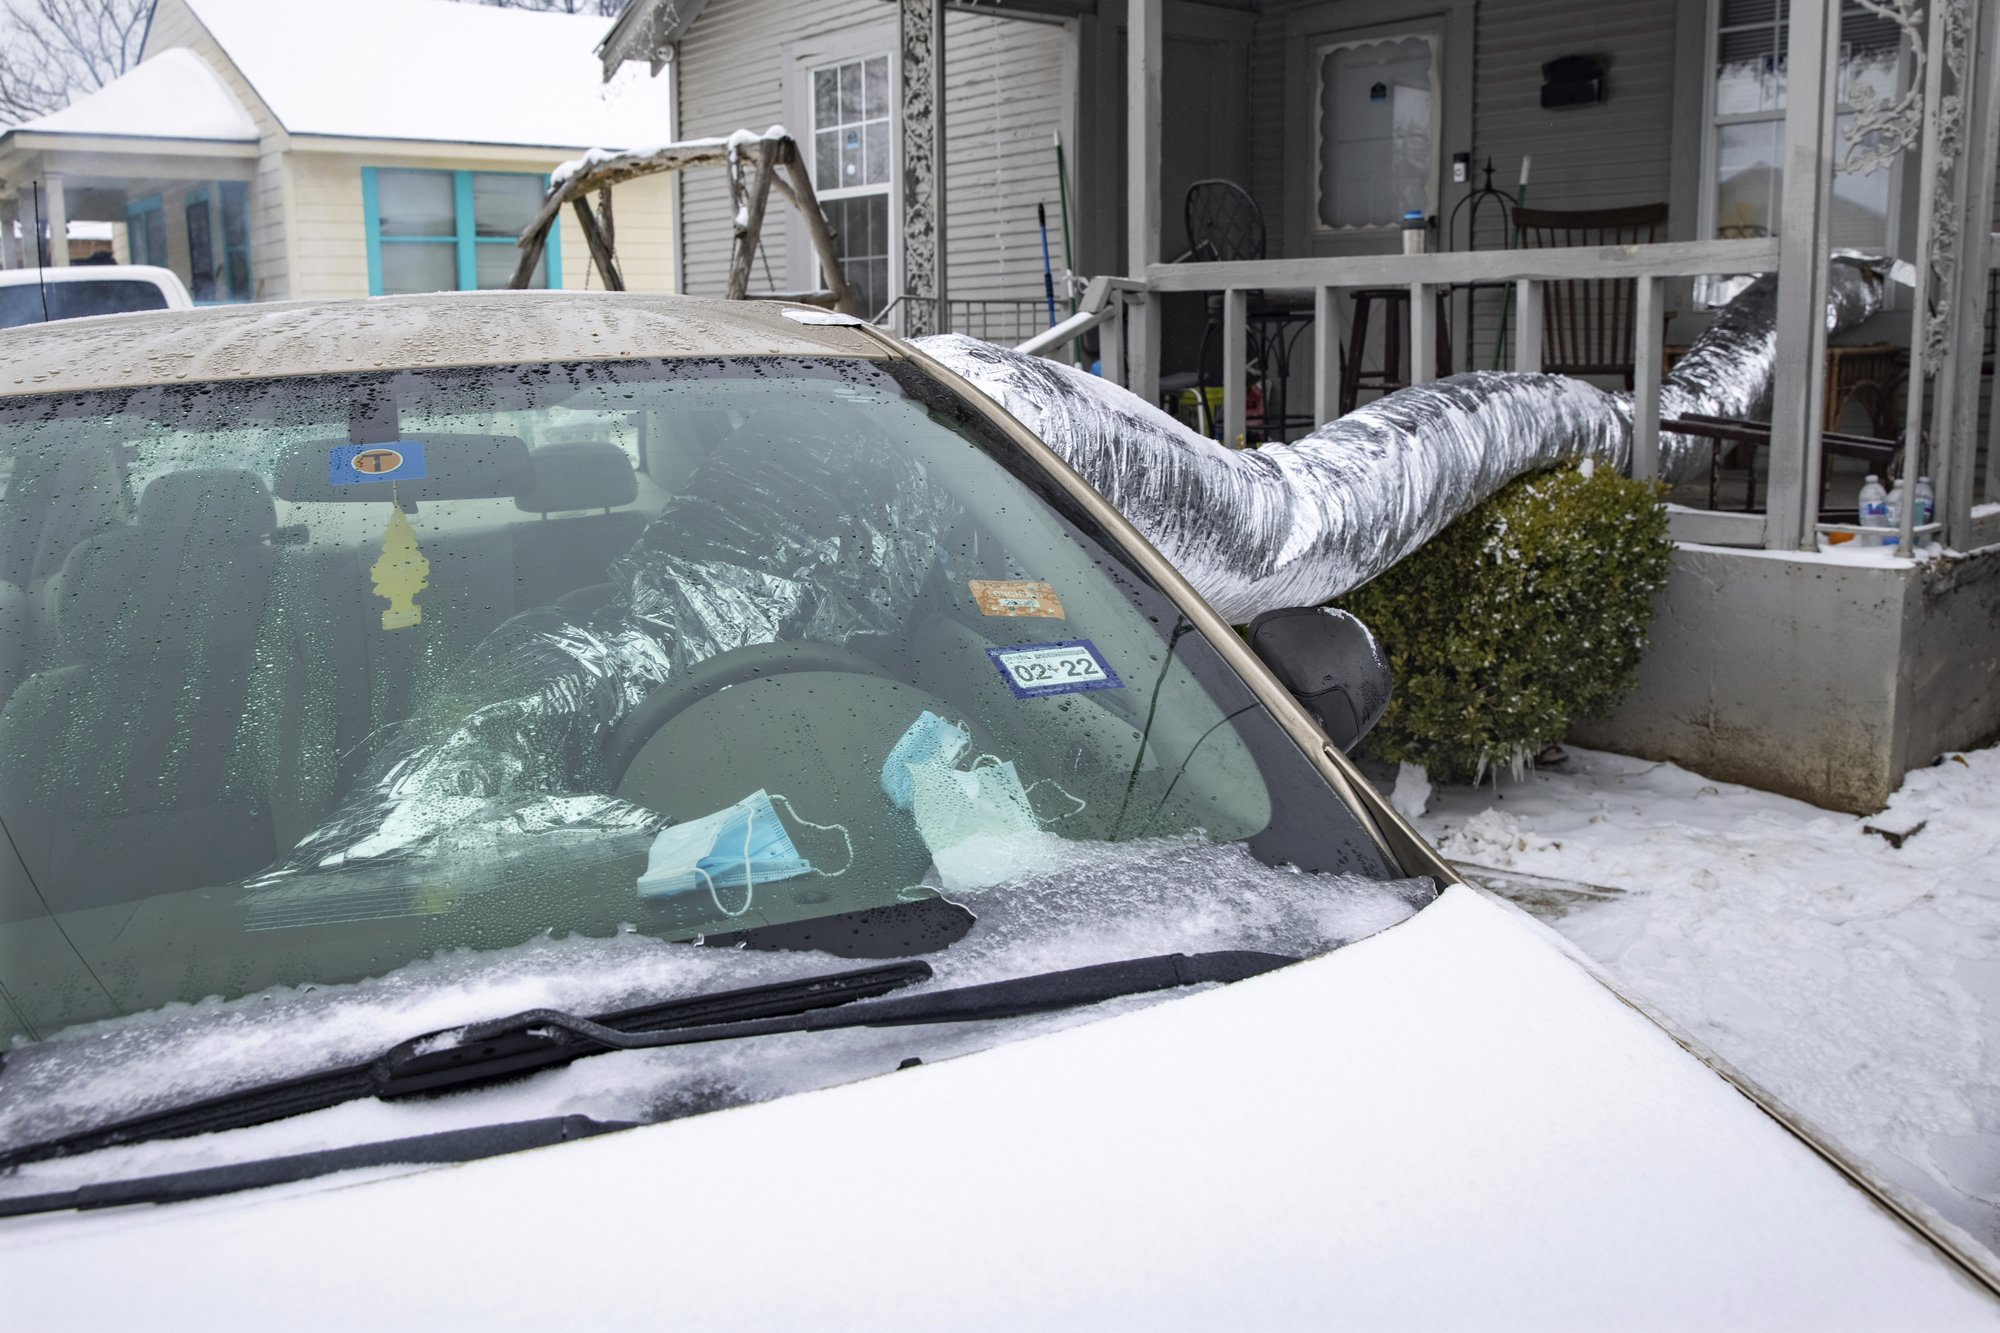 [PhotoStory] Những hình ảnh có một không hai về mùa đông khắc nghiệt trên đất Mỹ - Ảnh 8.